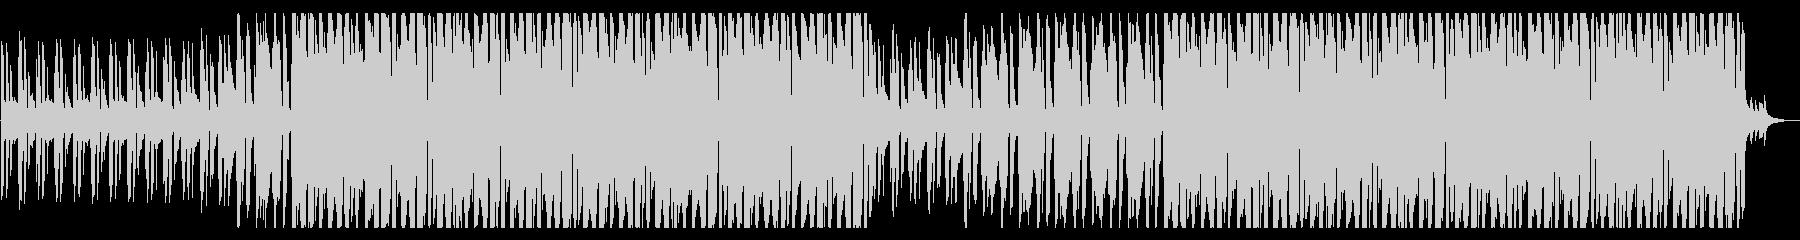 ローファイヒップホップ_No412の未再生の波形